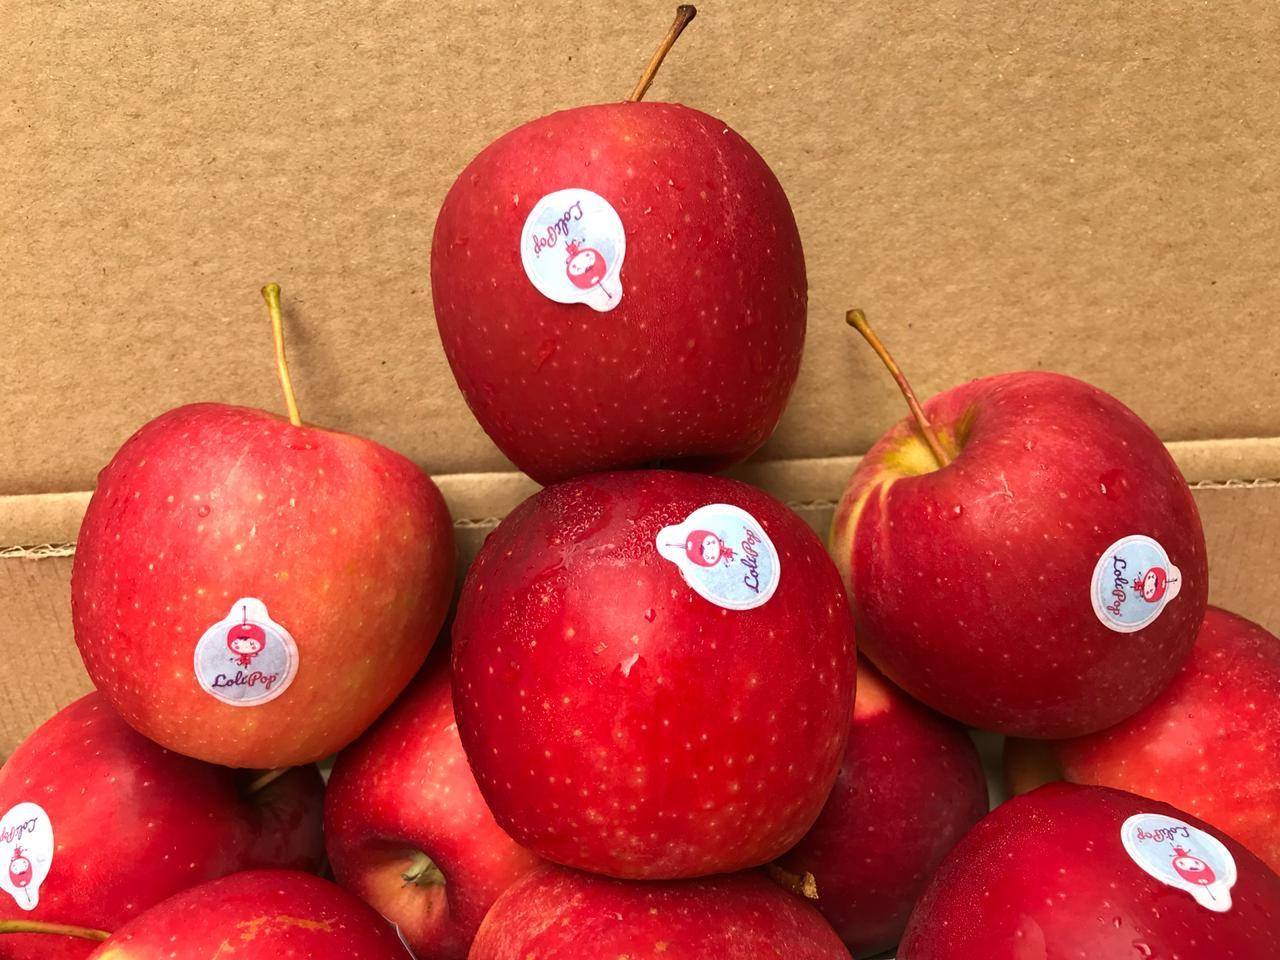 Trong quả táo có chứa các thành phần có lợi như axit malic, vitamin A, C, B1, B2, B6